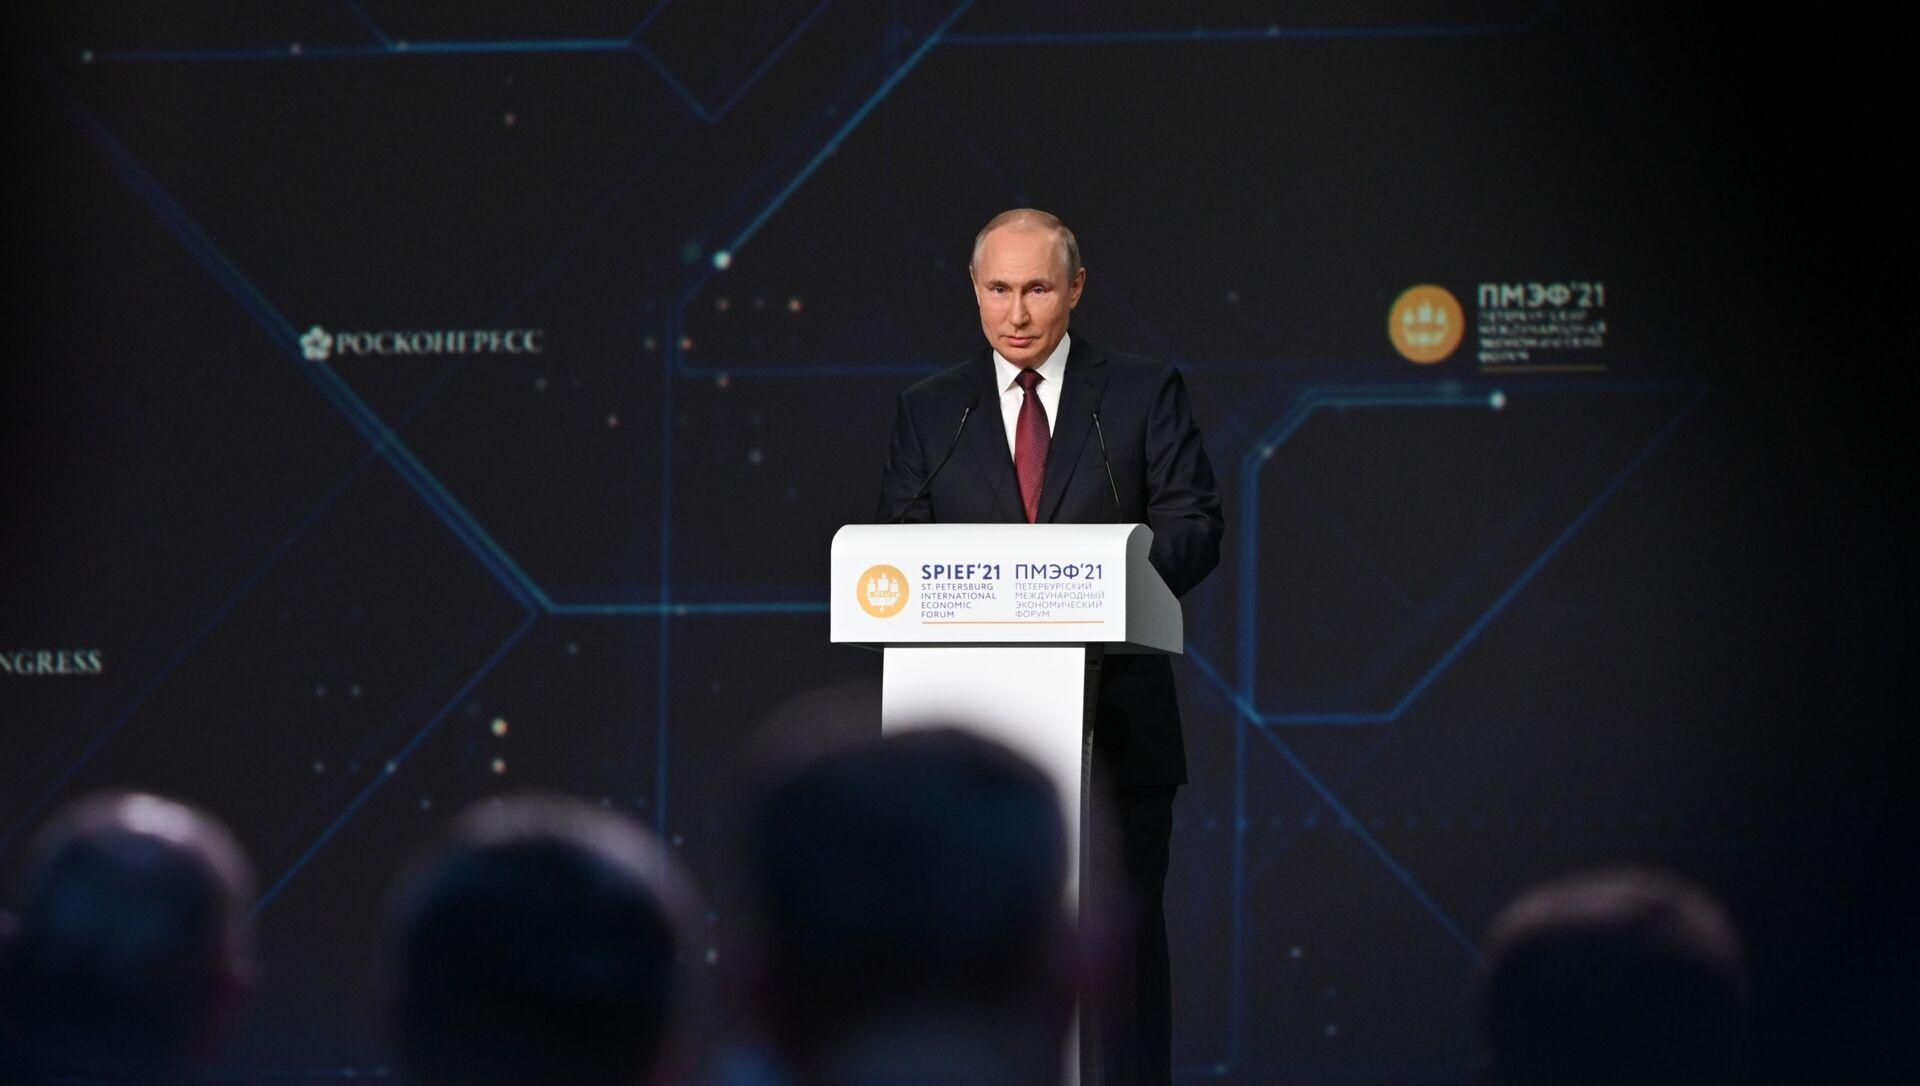 Президент РФ В. Путин принял участие в мероприятиях Петербургского международного экономического форума - Sputnik Беларусь, 1920, 04.06.2021